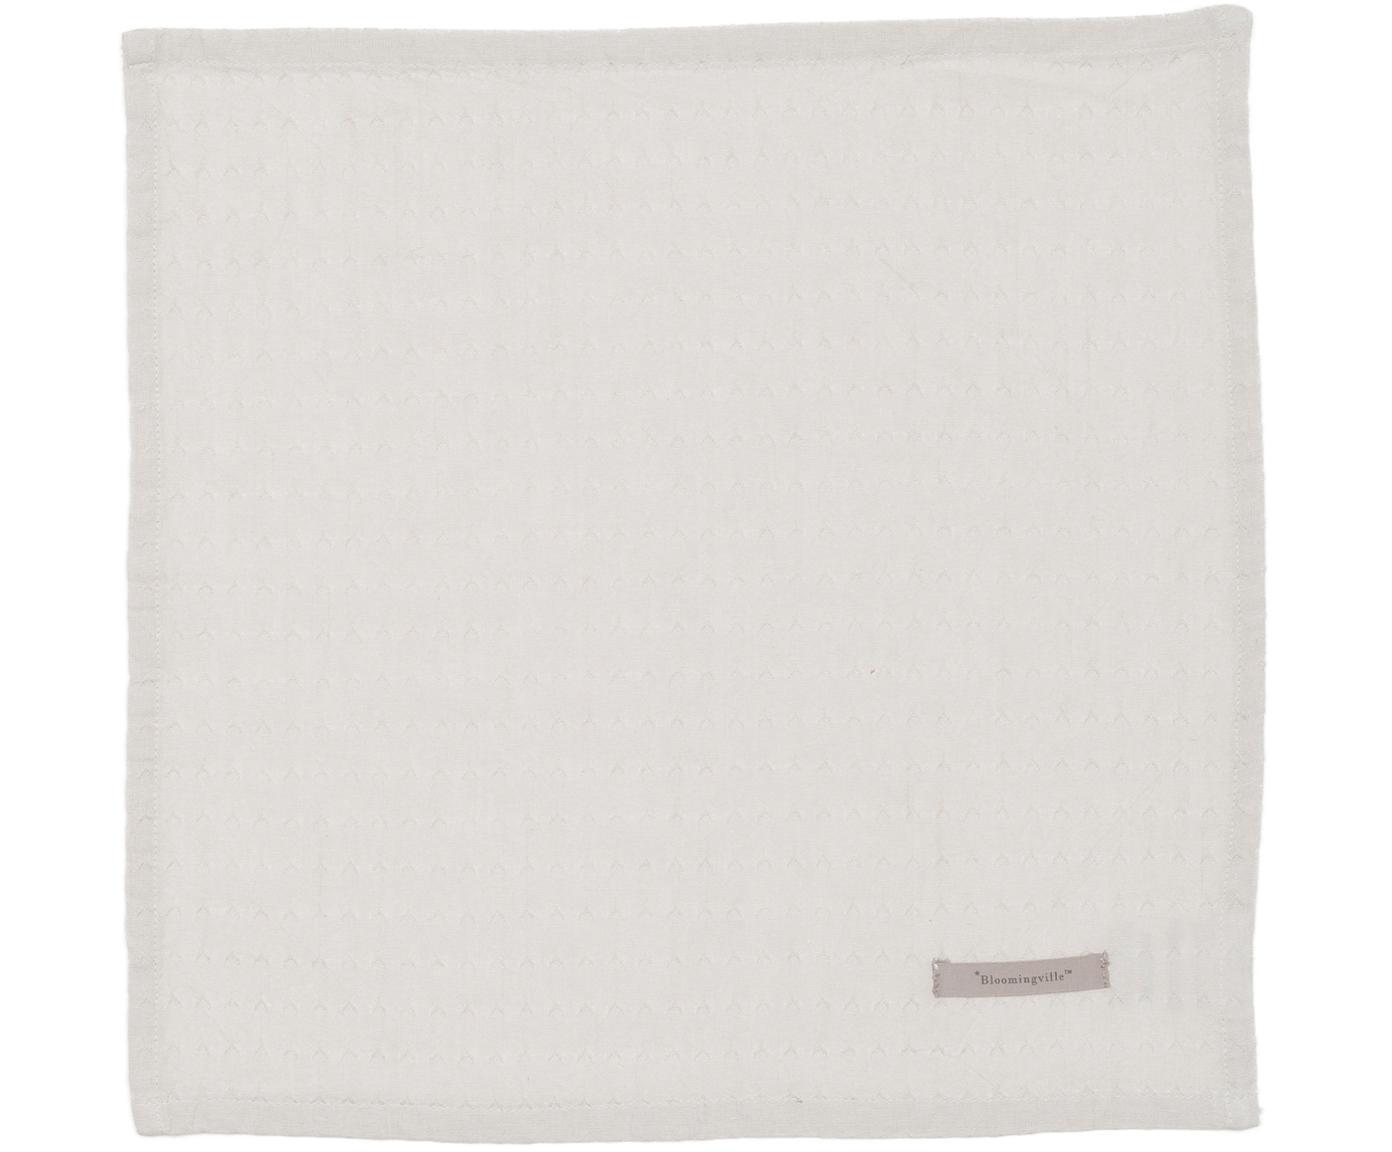 Servetten Blanc, 4 stuks, Katoen, Steengrijs, 40 x 40 cm